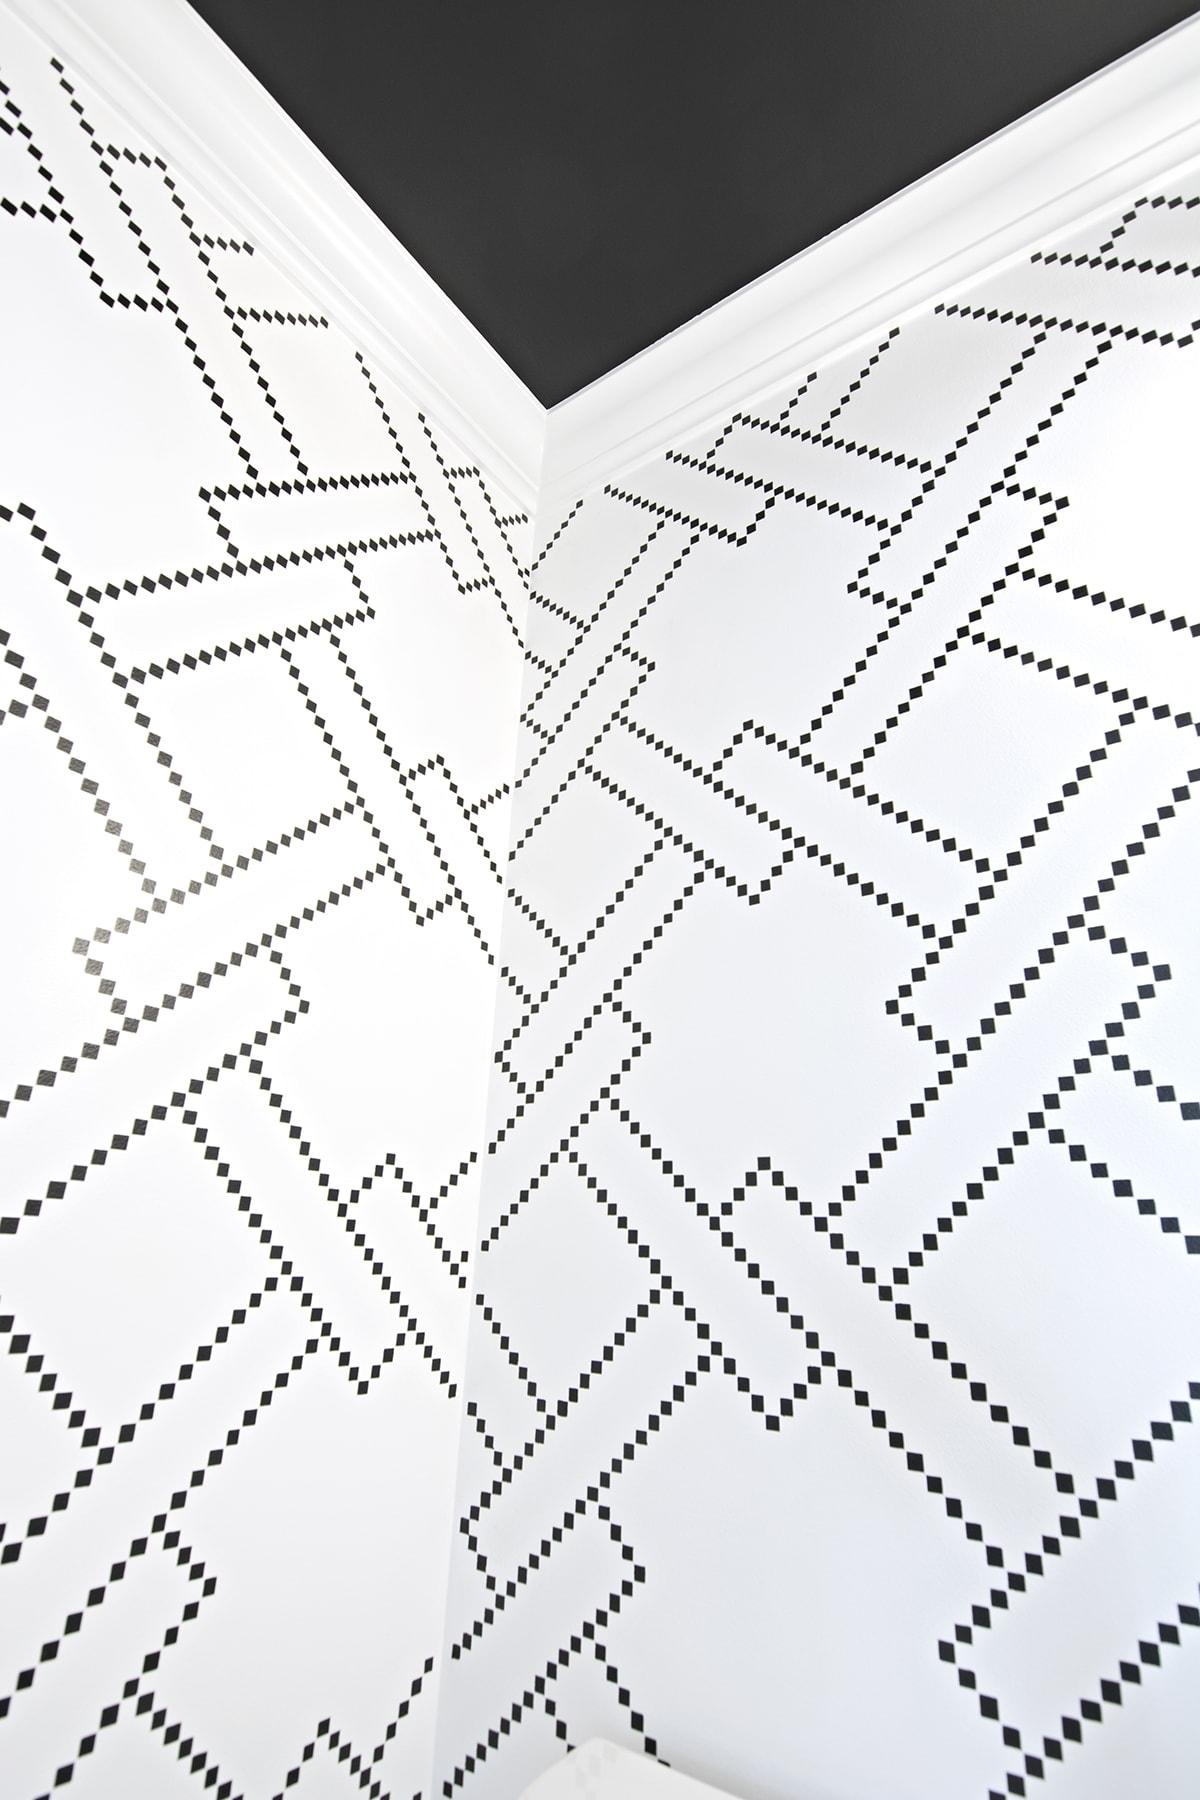 sharpie squares stencil pattern